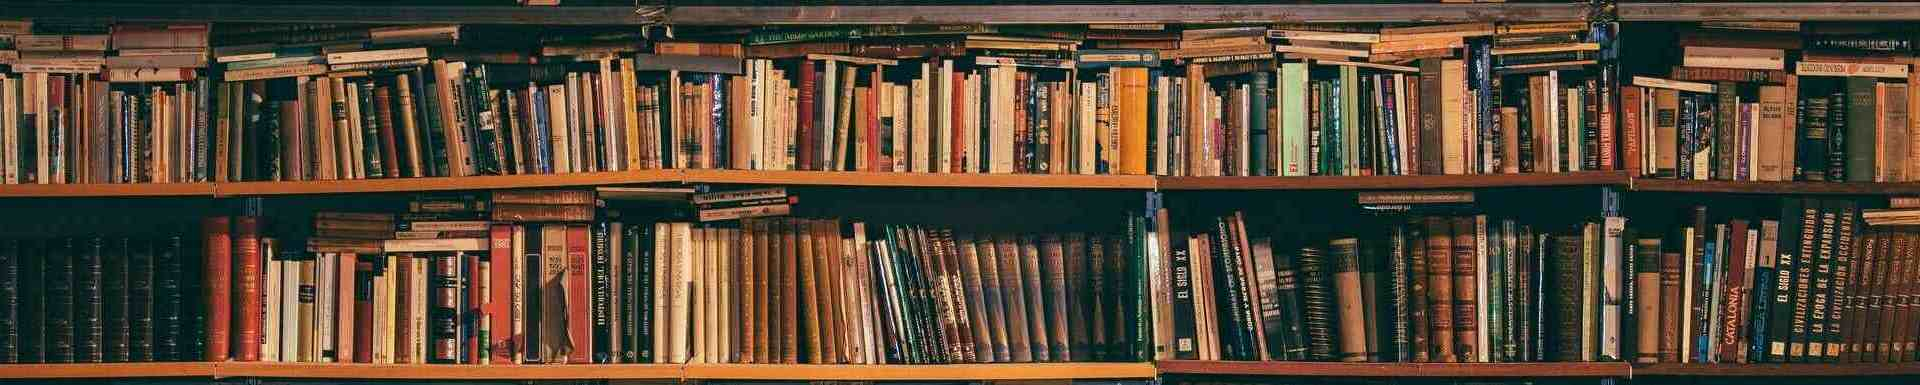 enviar libros por correo con Glovo